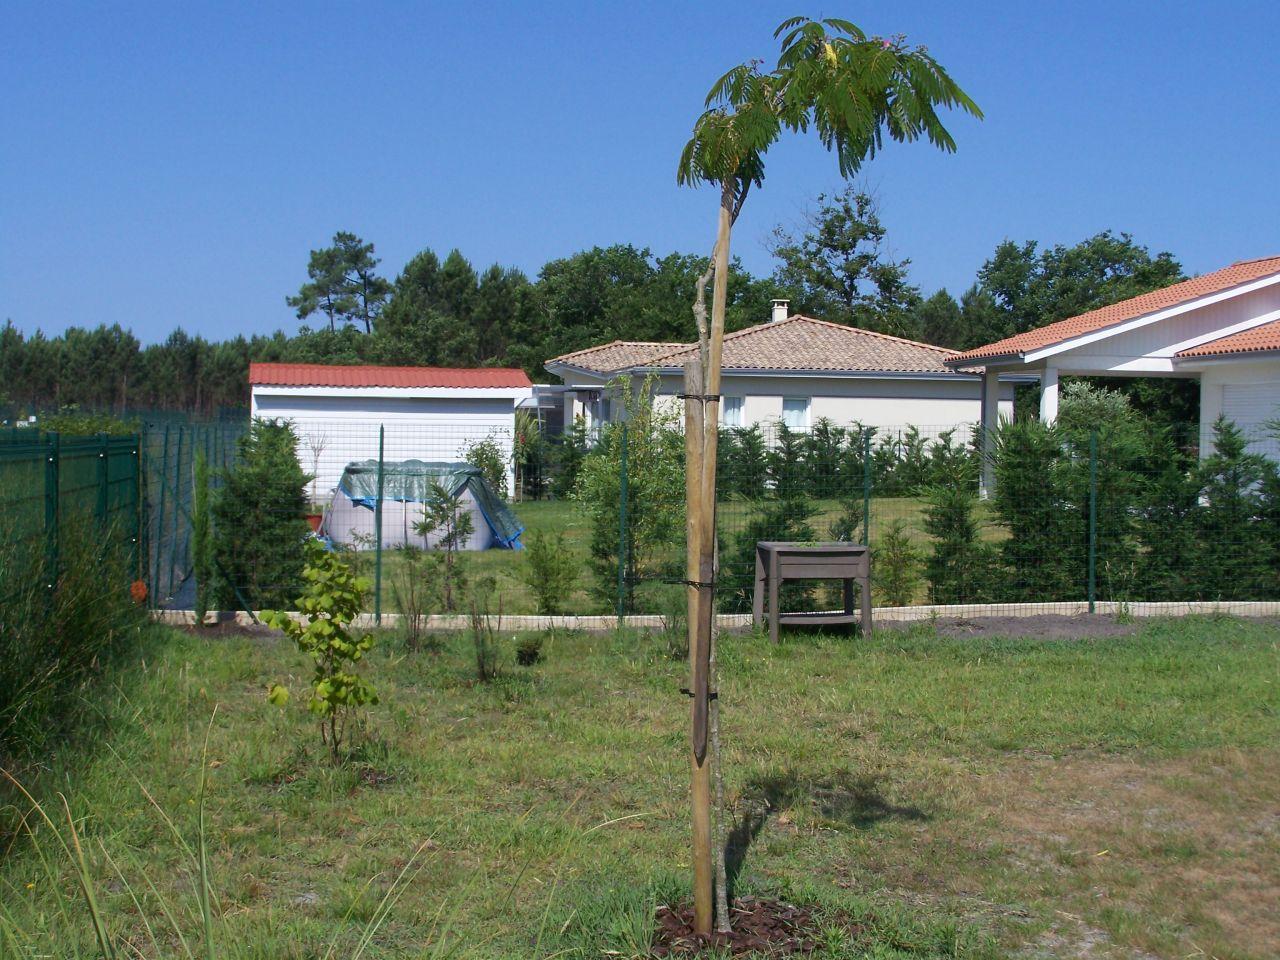 Probl me sur plantation arbres suite aux replantations for Entretien jardin hourtin